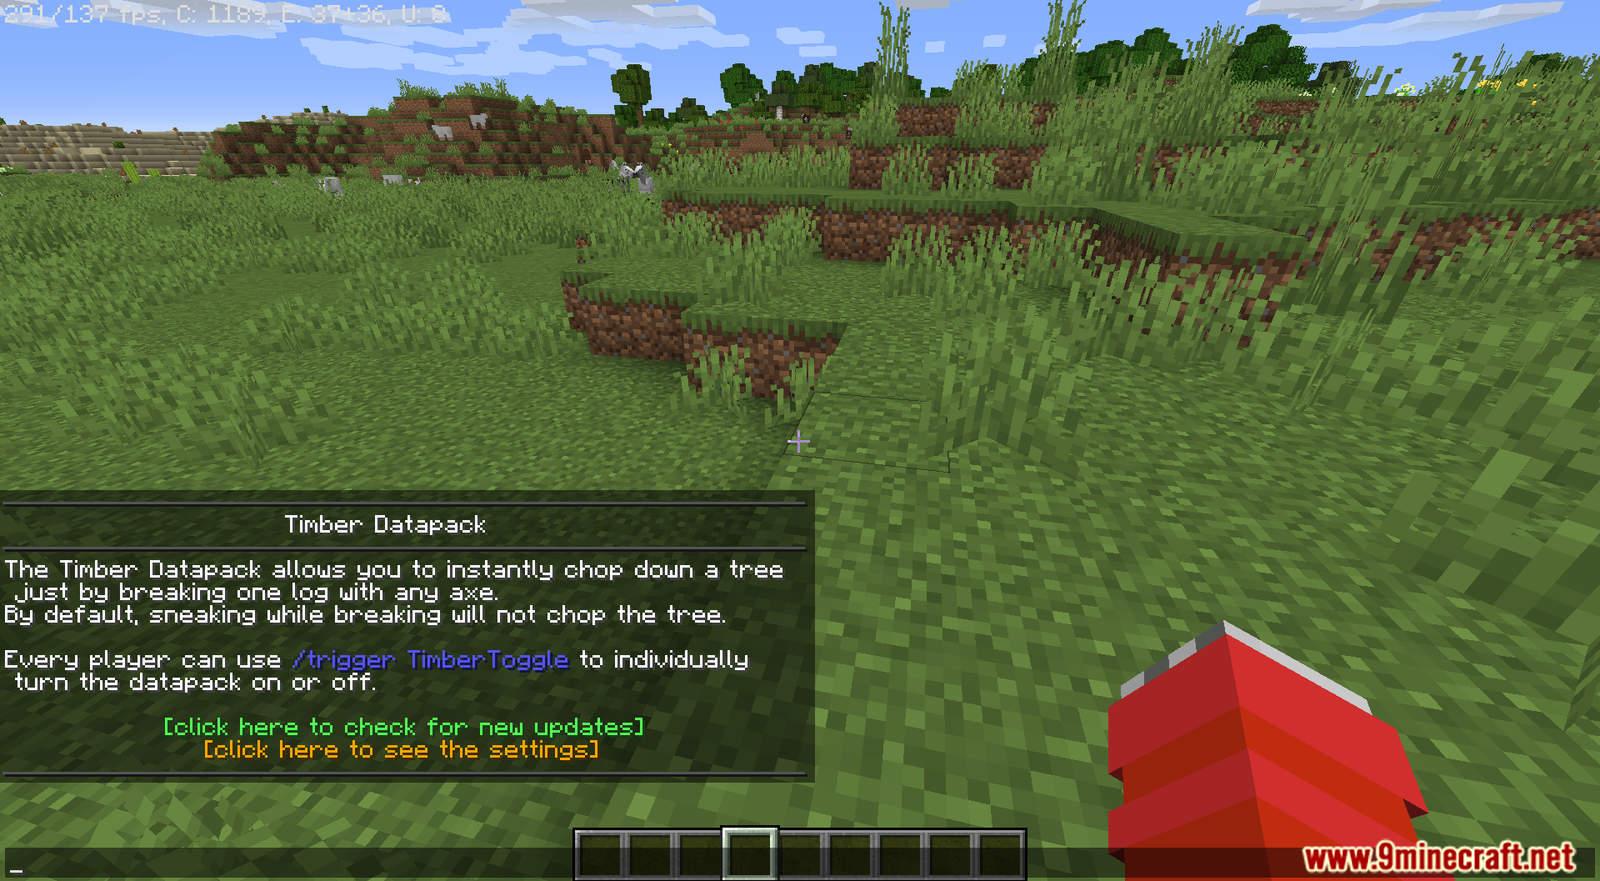 Timber Datapack Screenshots (8)